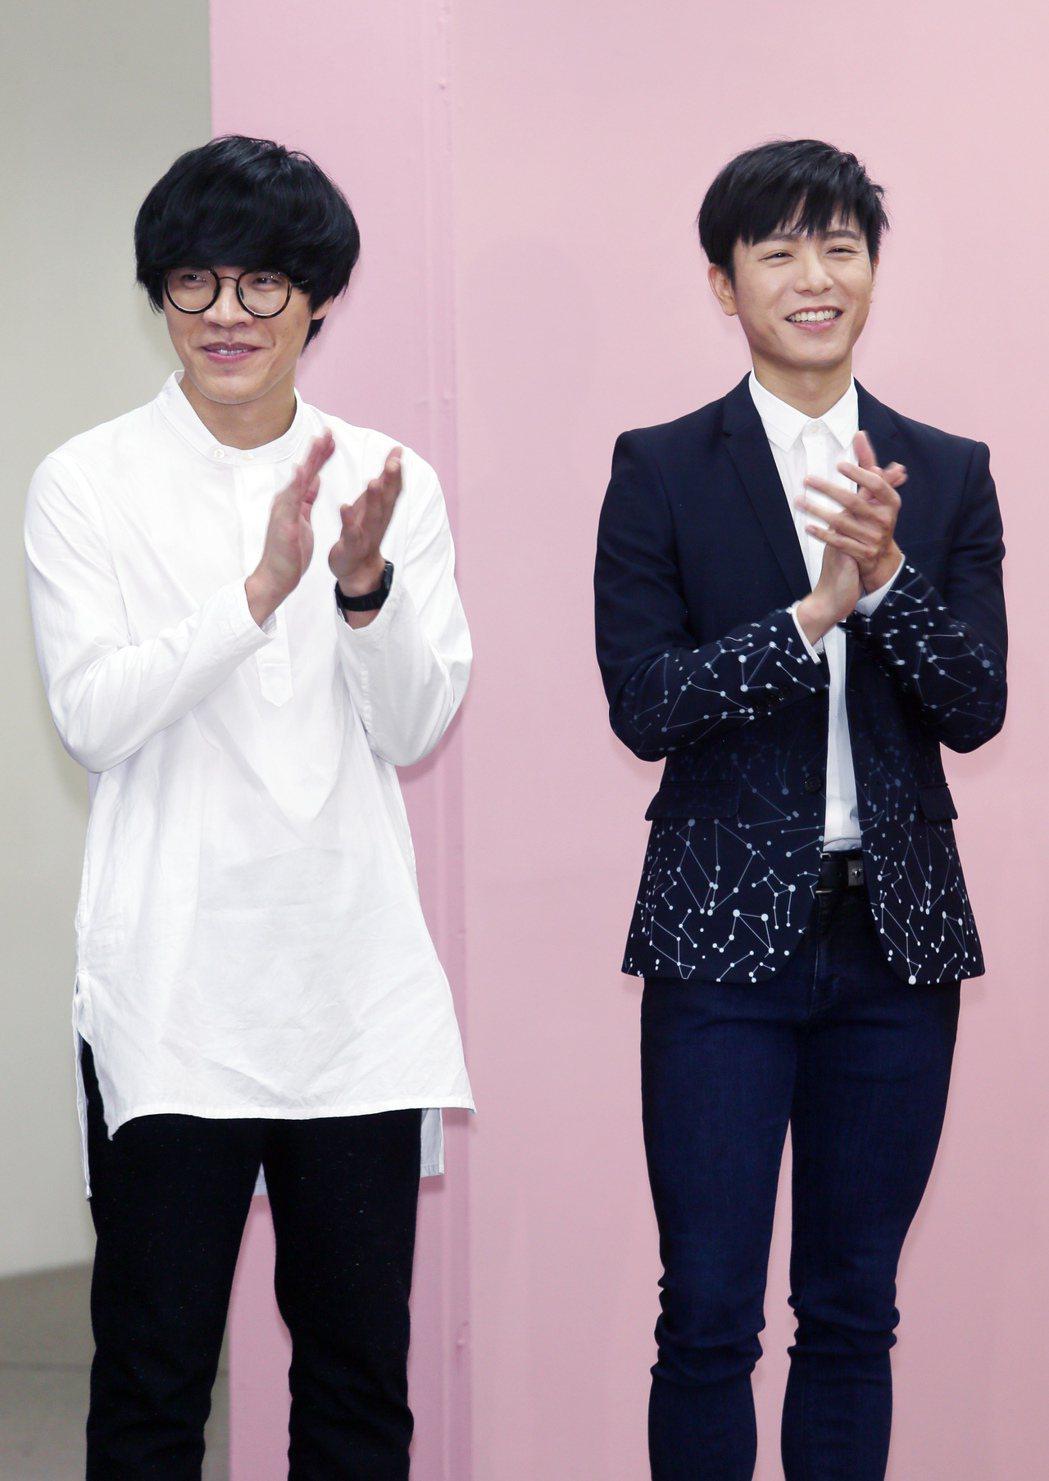 盧廣仲(左)與韋禮安(右)一起出席GMA 2017金曲獎頒獎典禮暨國際音樂節系列...